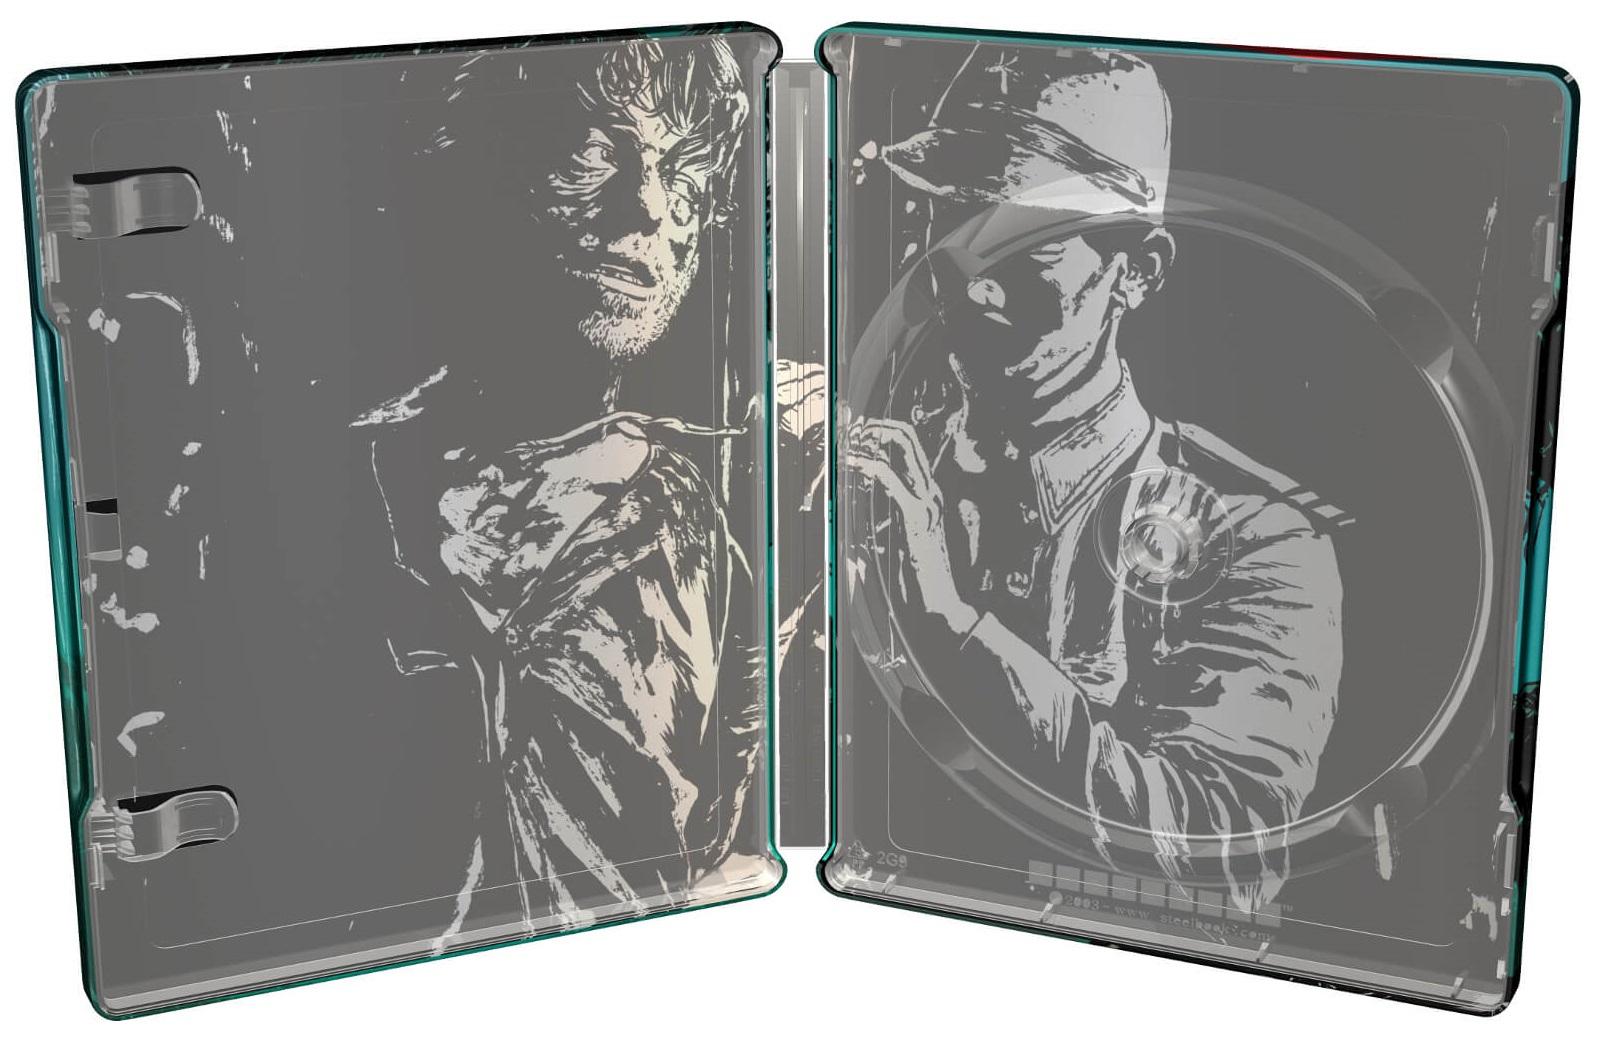 Rambo: First Blood Part II SteelBook inside